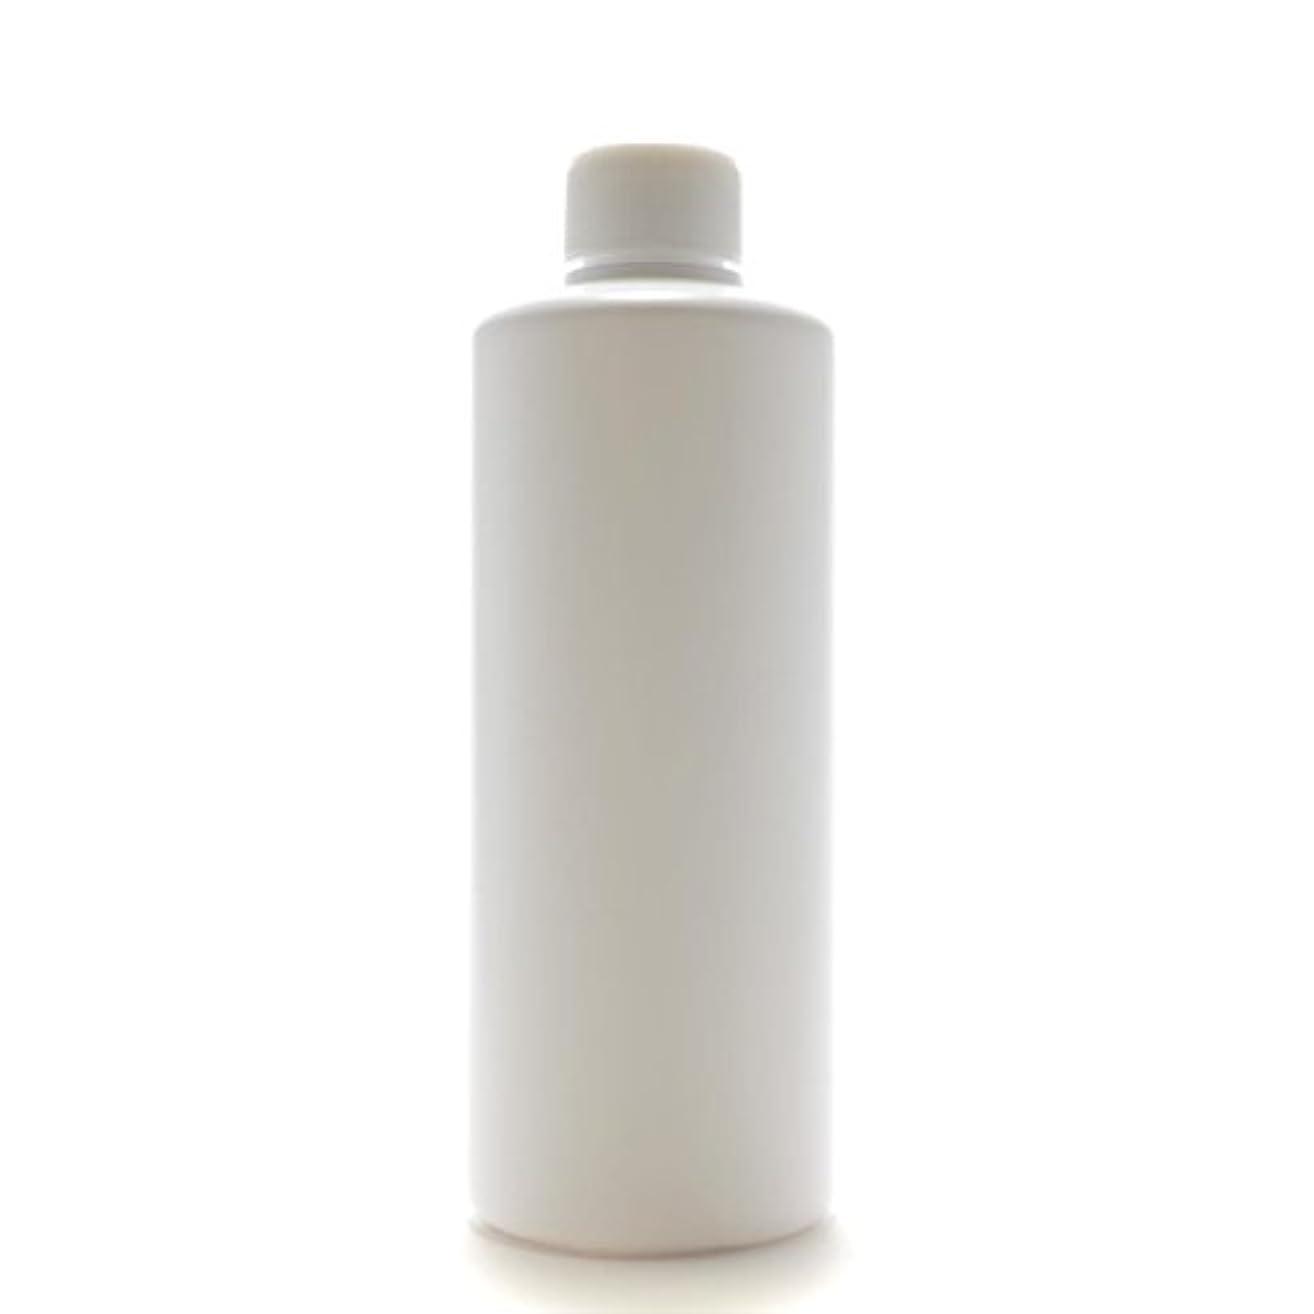 盆地それスローガンプラスチック容器 300mL PE ストレートボトル ホワイト【スクリューキャップ:ホワイト 中栓付き】